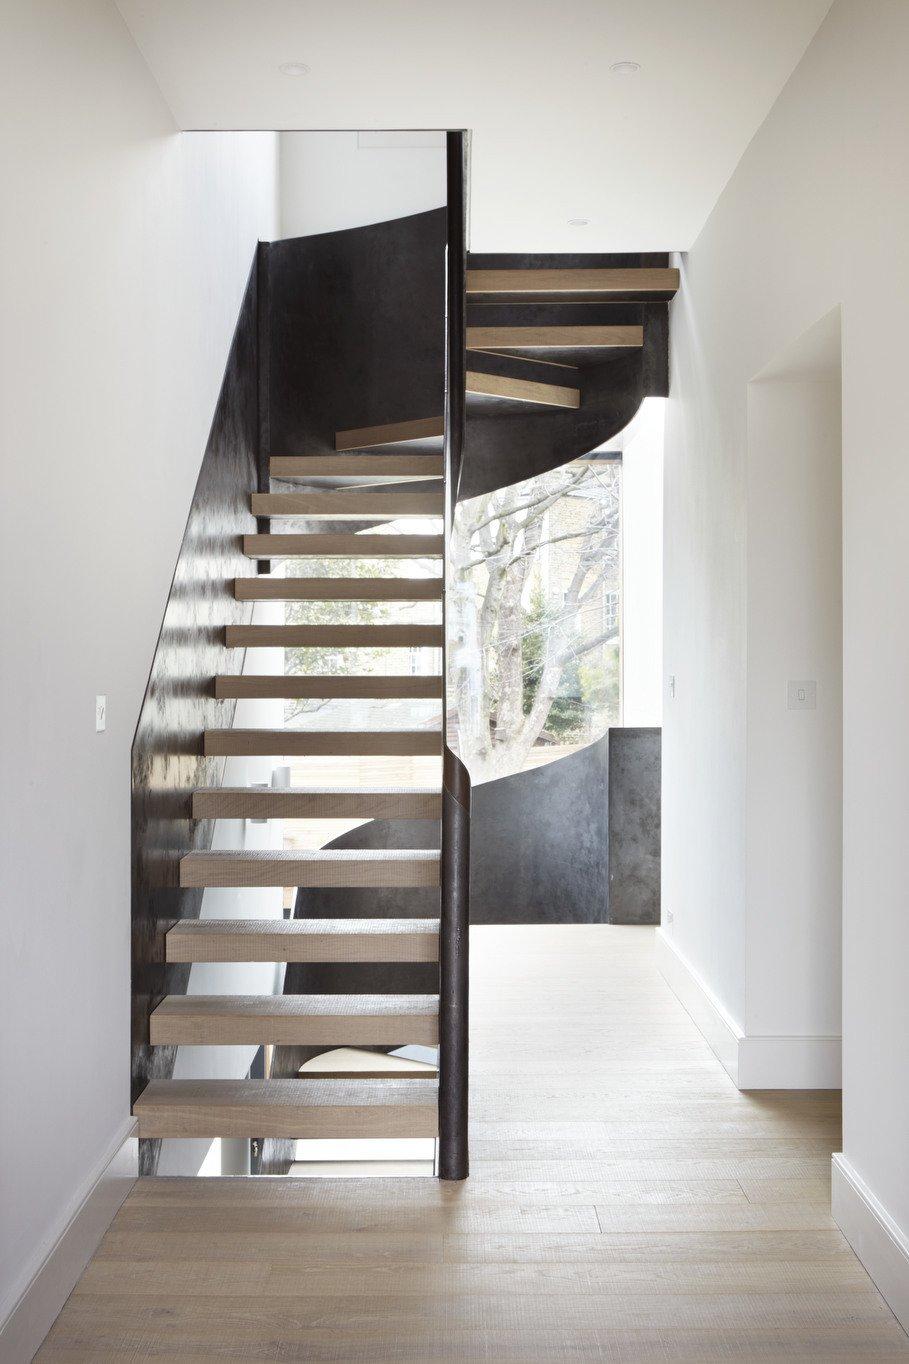 Architect: Cousins & Cousins Architects Contractor: Romark Projects Ltd Photography: Jack Hobhouse  De Beauvoir House